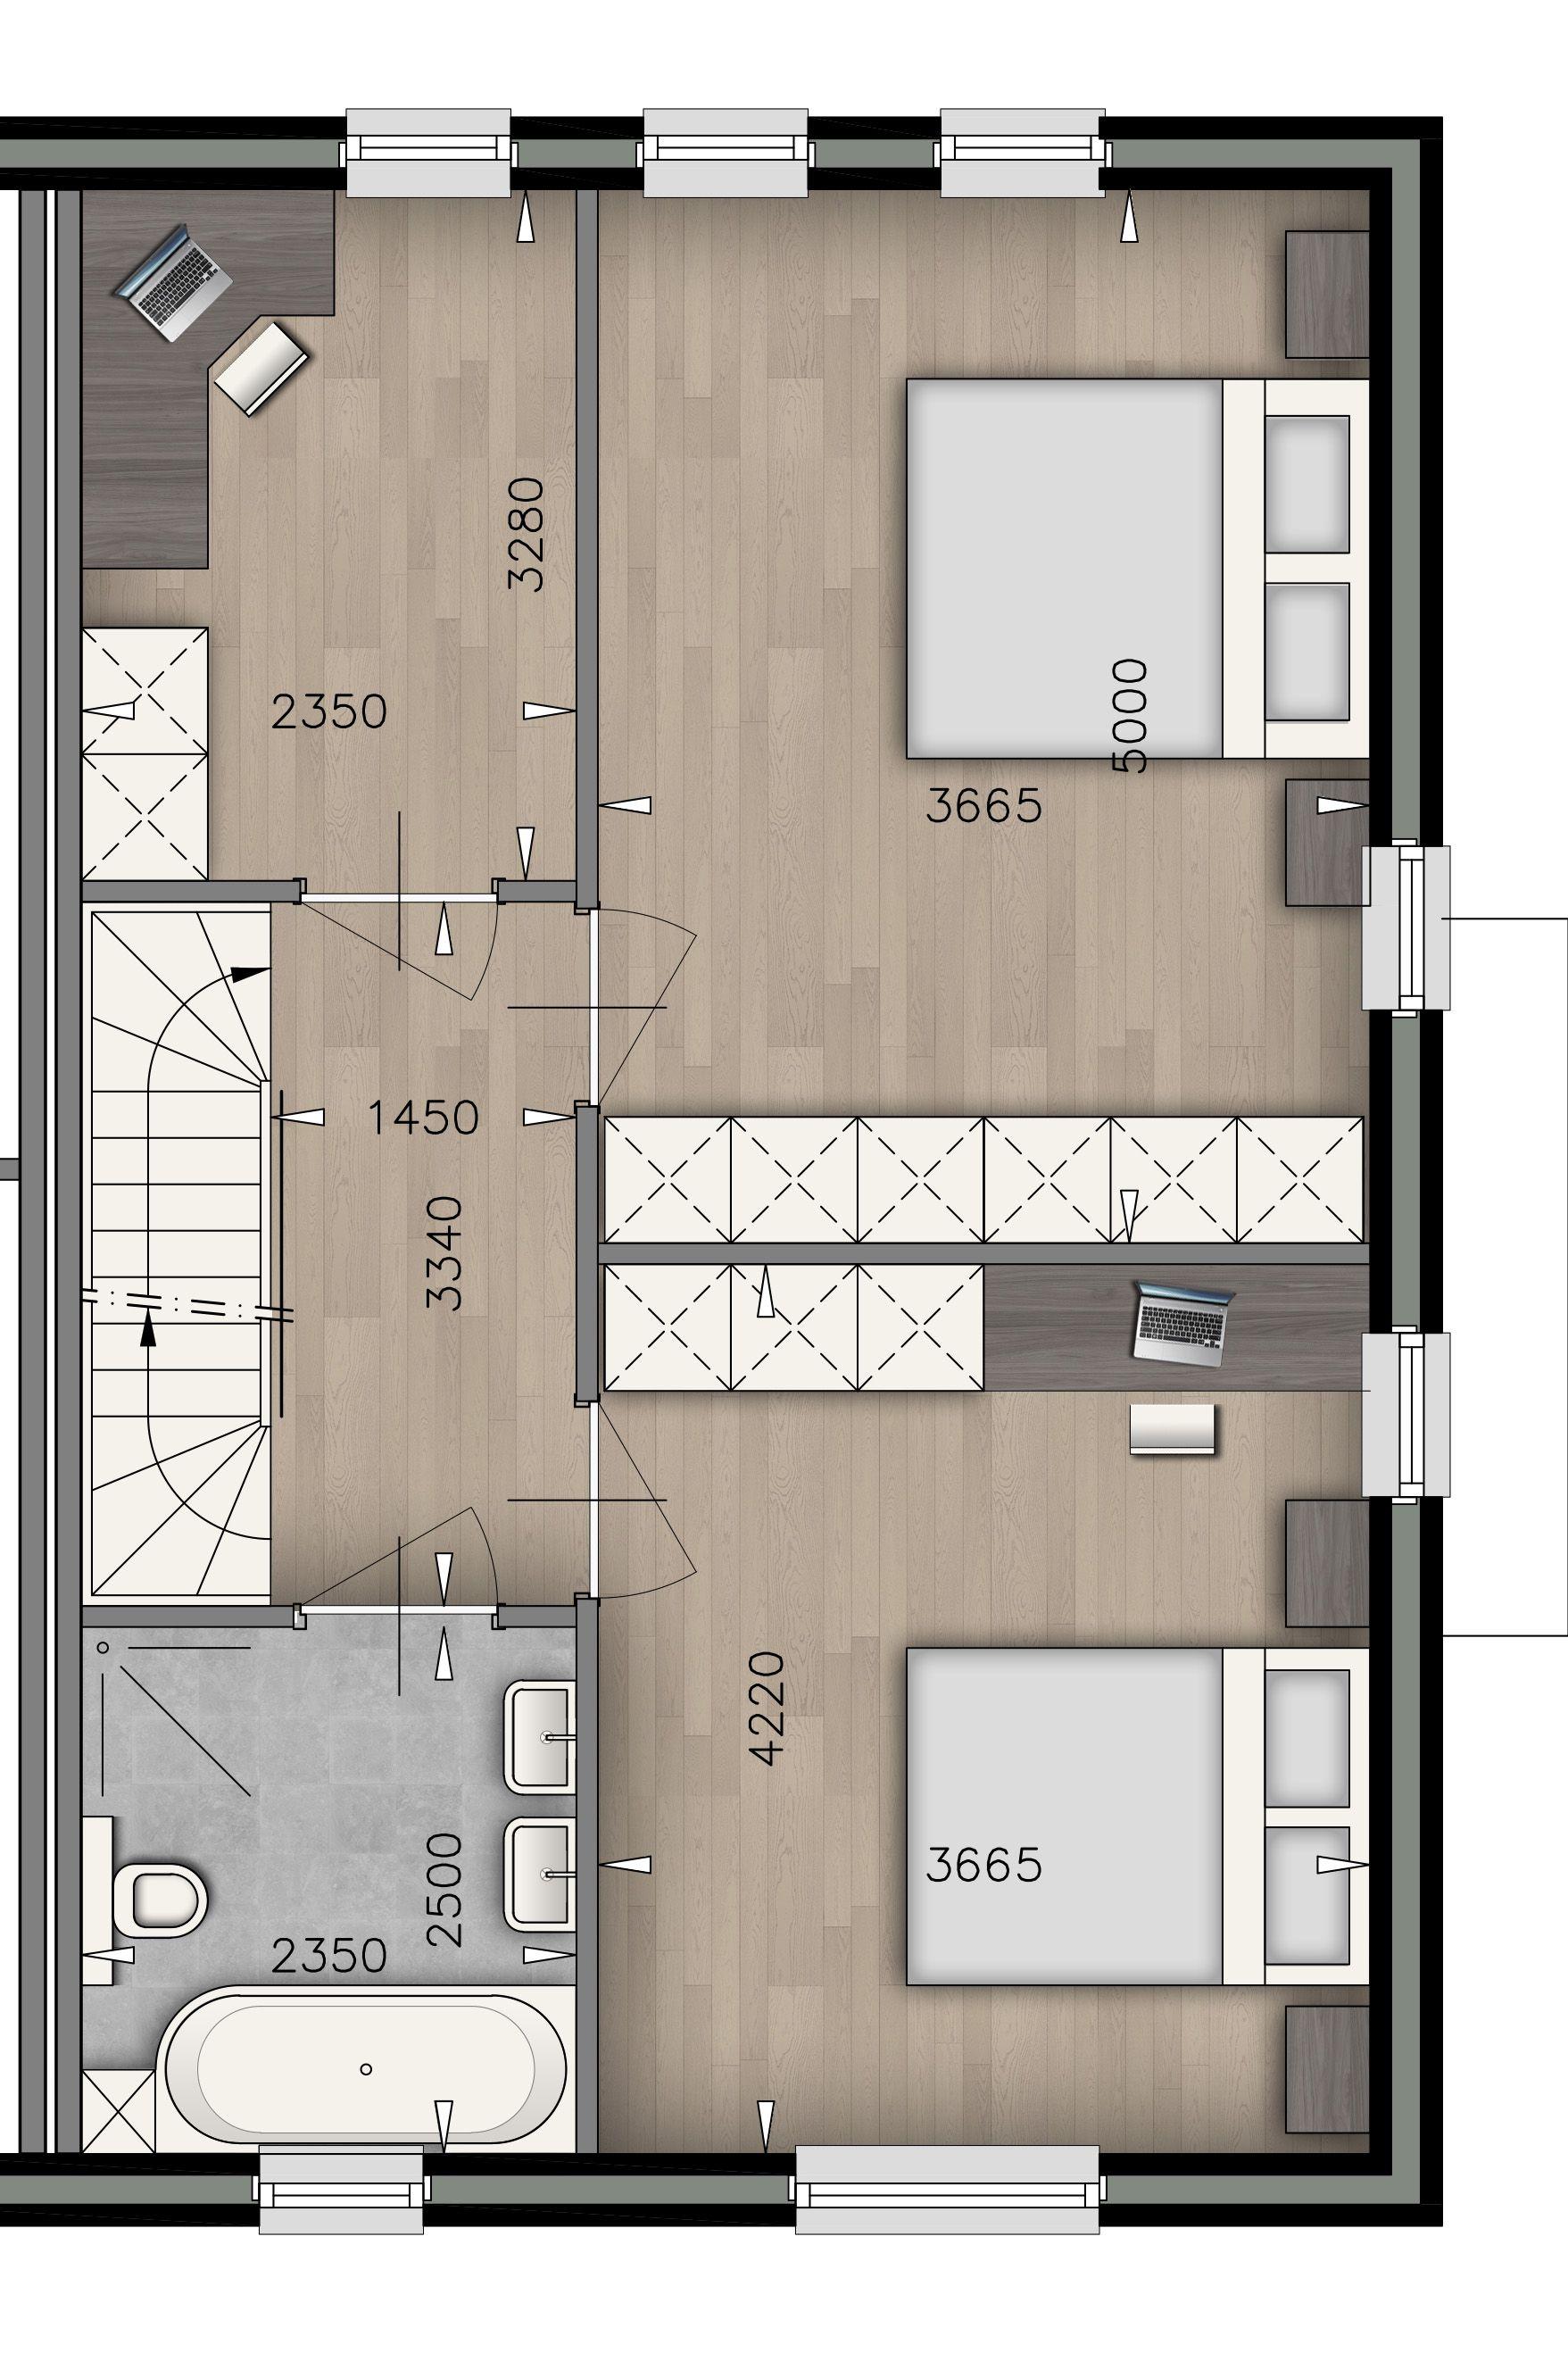 Plattegrond slaapkamer 39 s badkamer planos pinterest for Grondplan badkamer